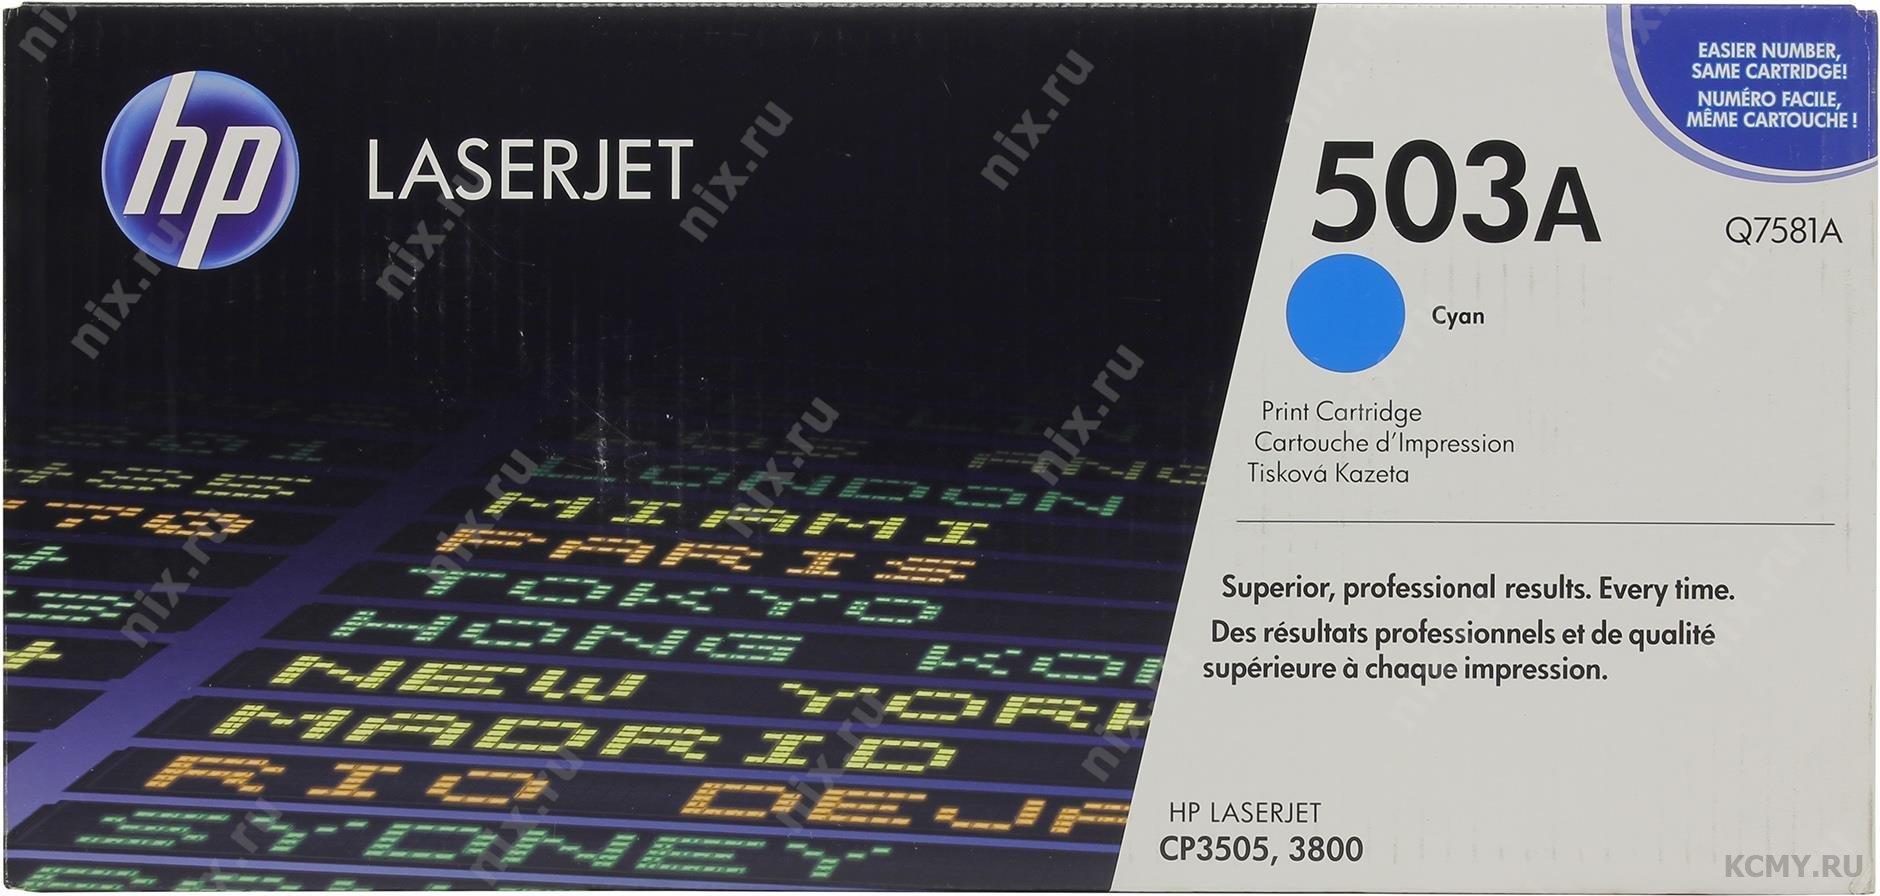 HP Q7581A, HP 503A